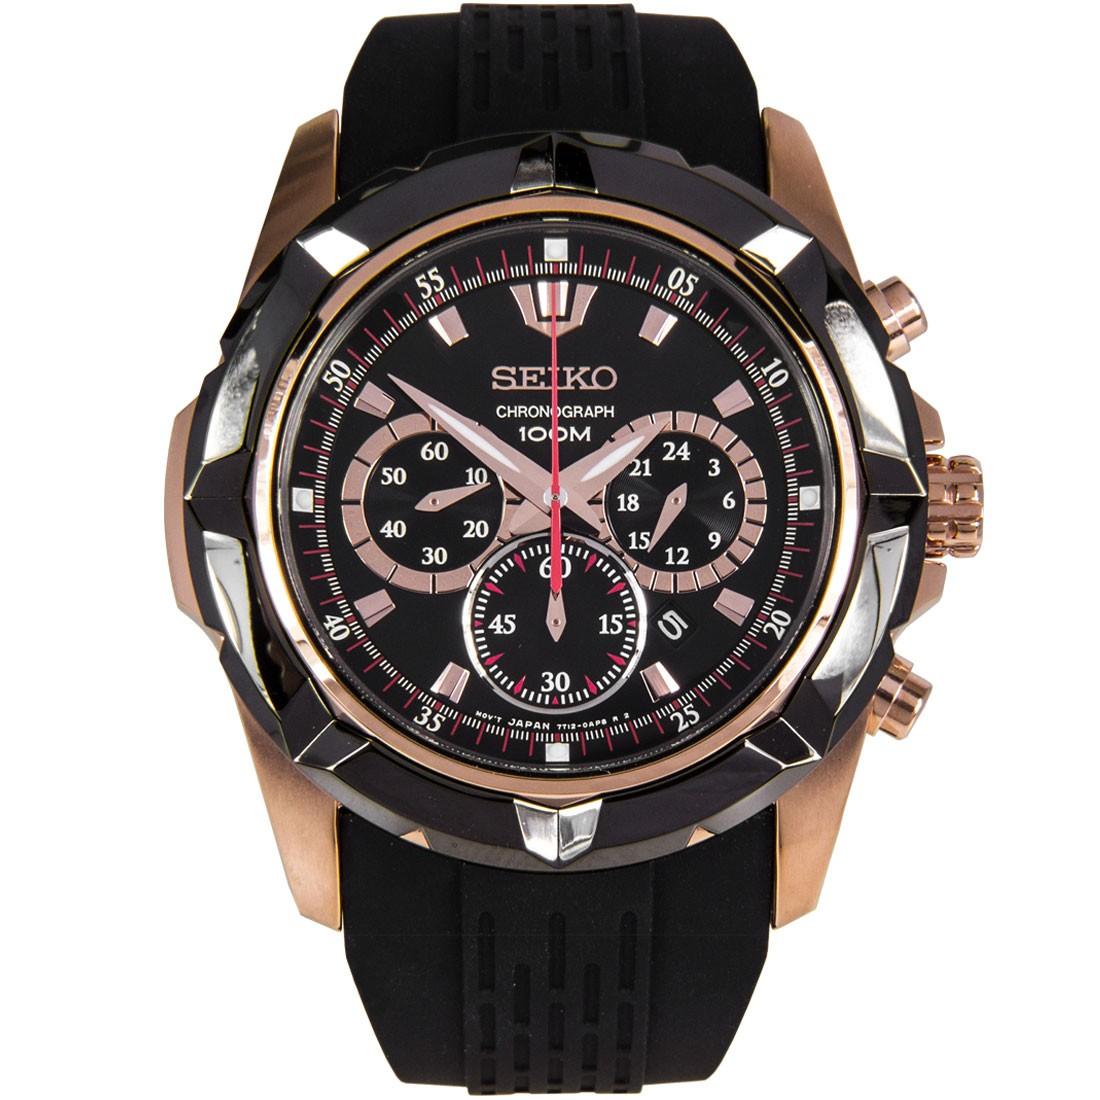 Seiko Chronograph Black Dial Men's Watch SRW030P1